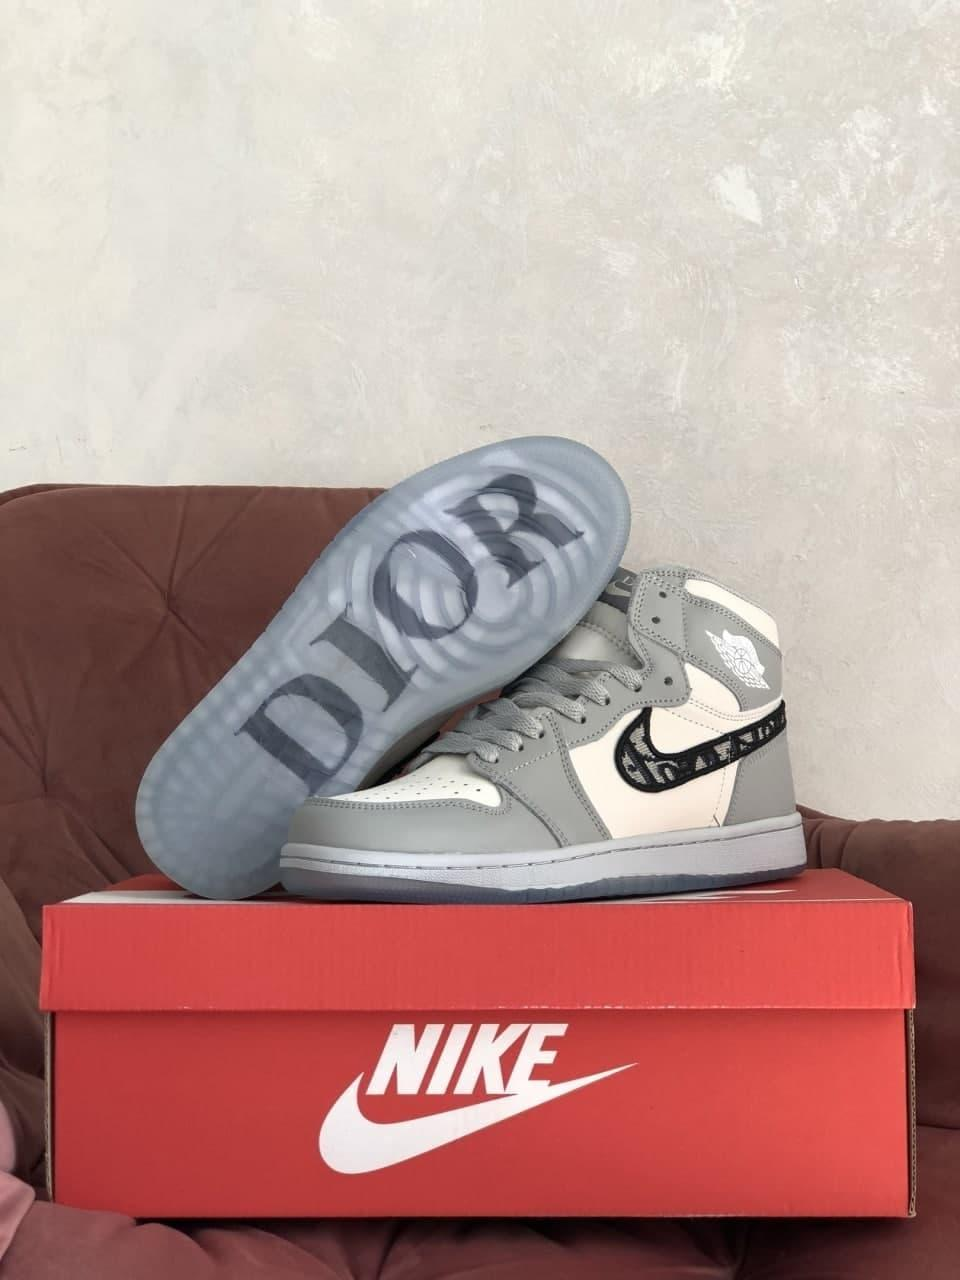 Кроссовки Nk Air Jordan 1 High х Dior Gray  36 37 38 39 40 41